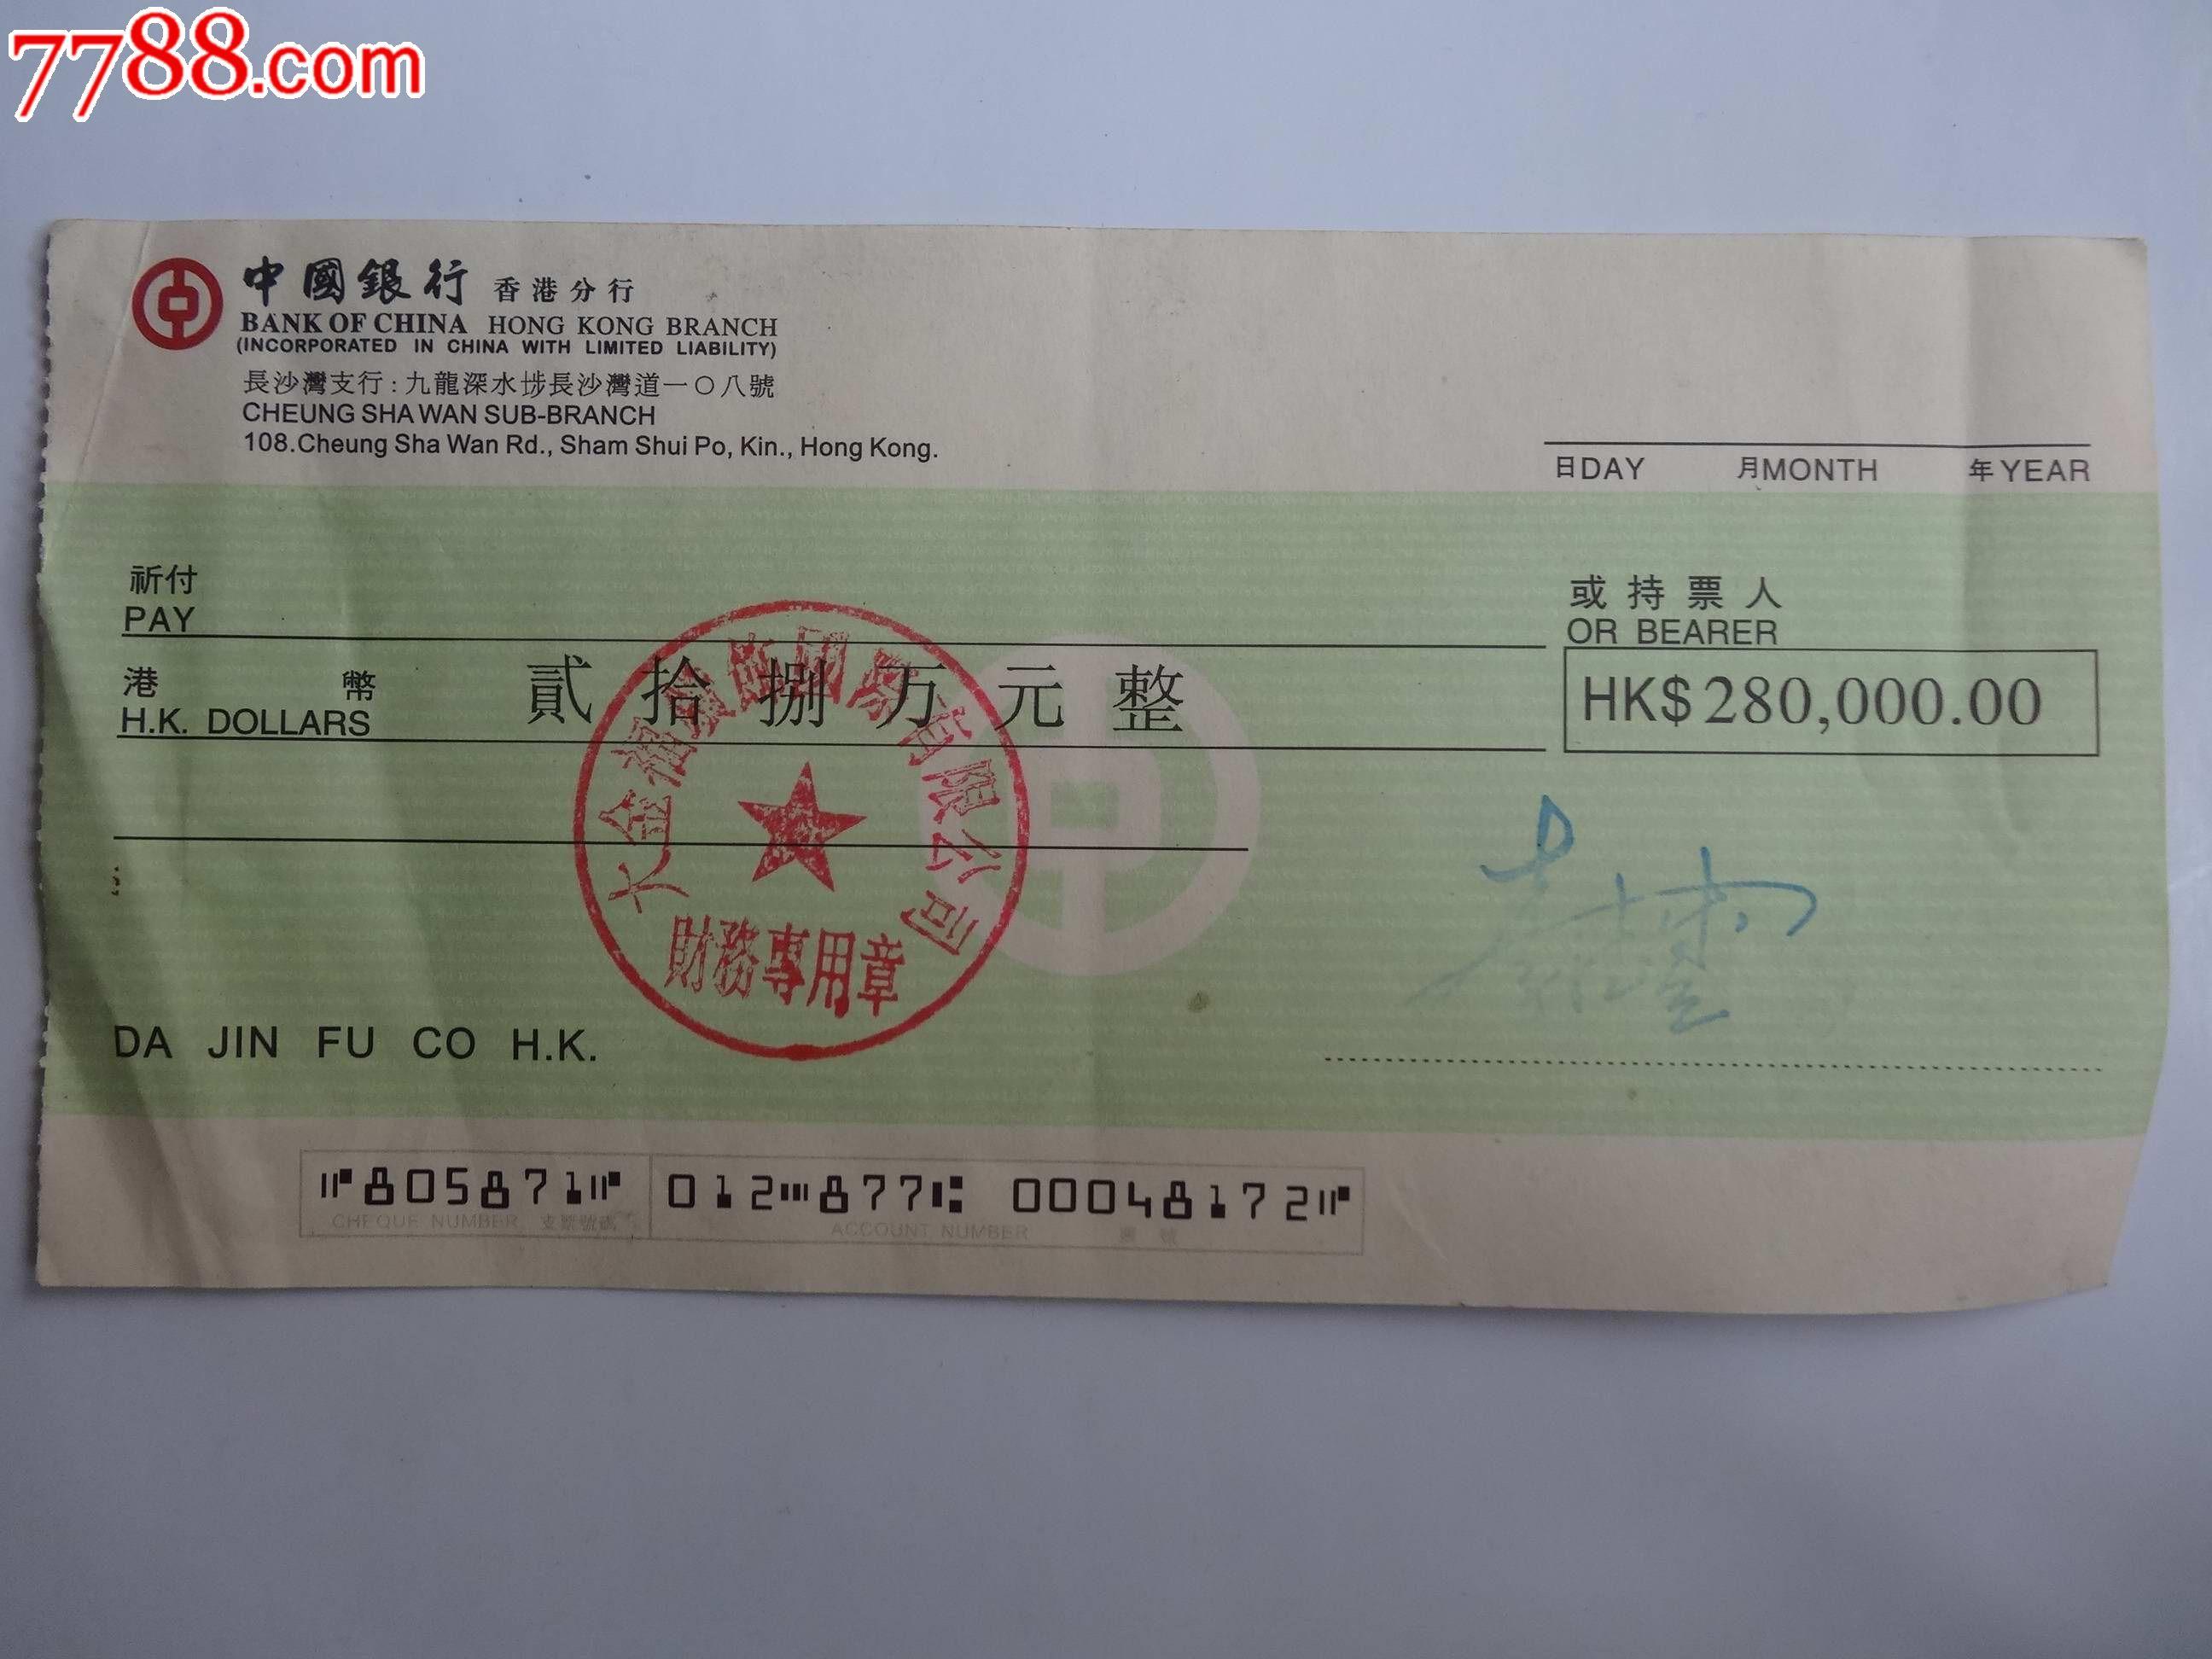 中国银行杭州分行_中国银行香港分行支票